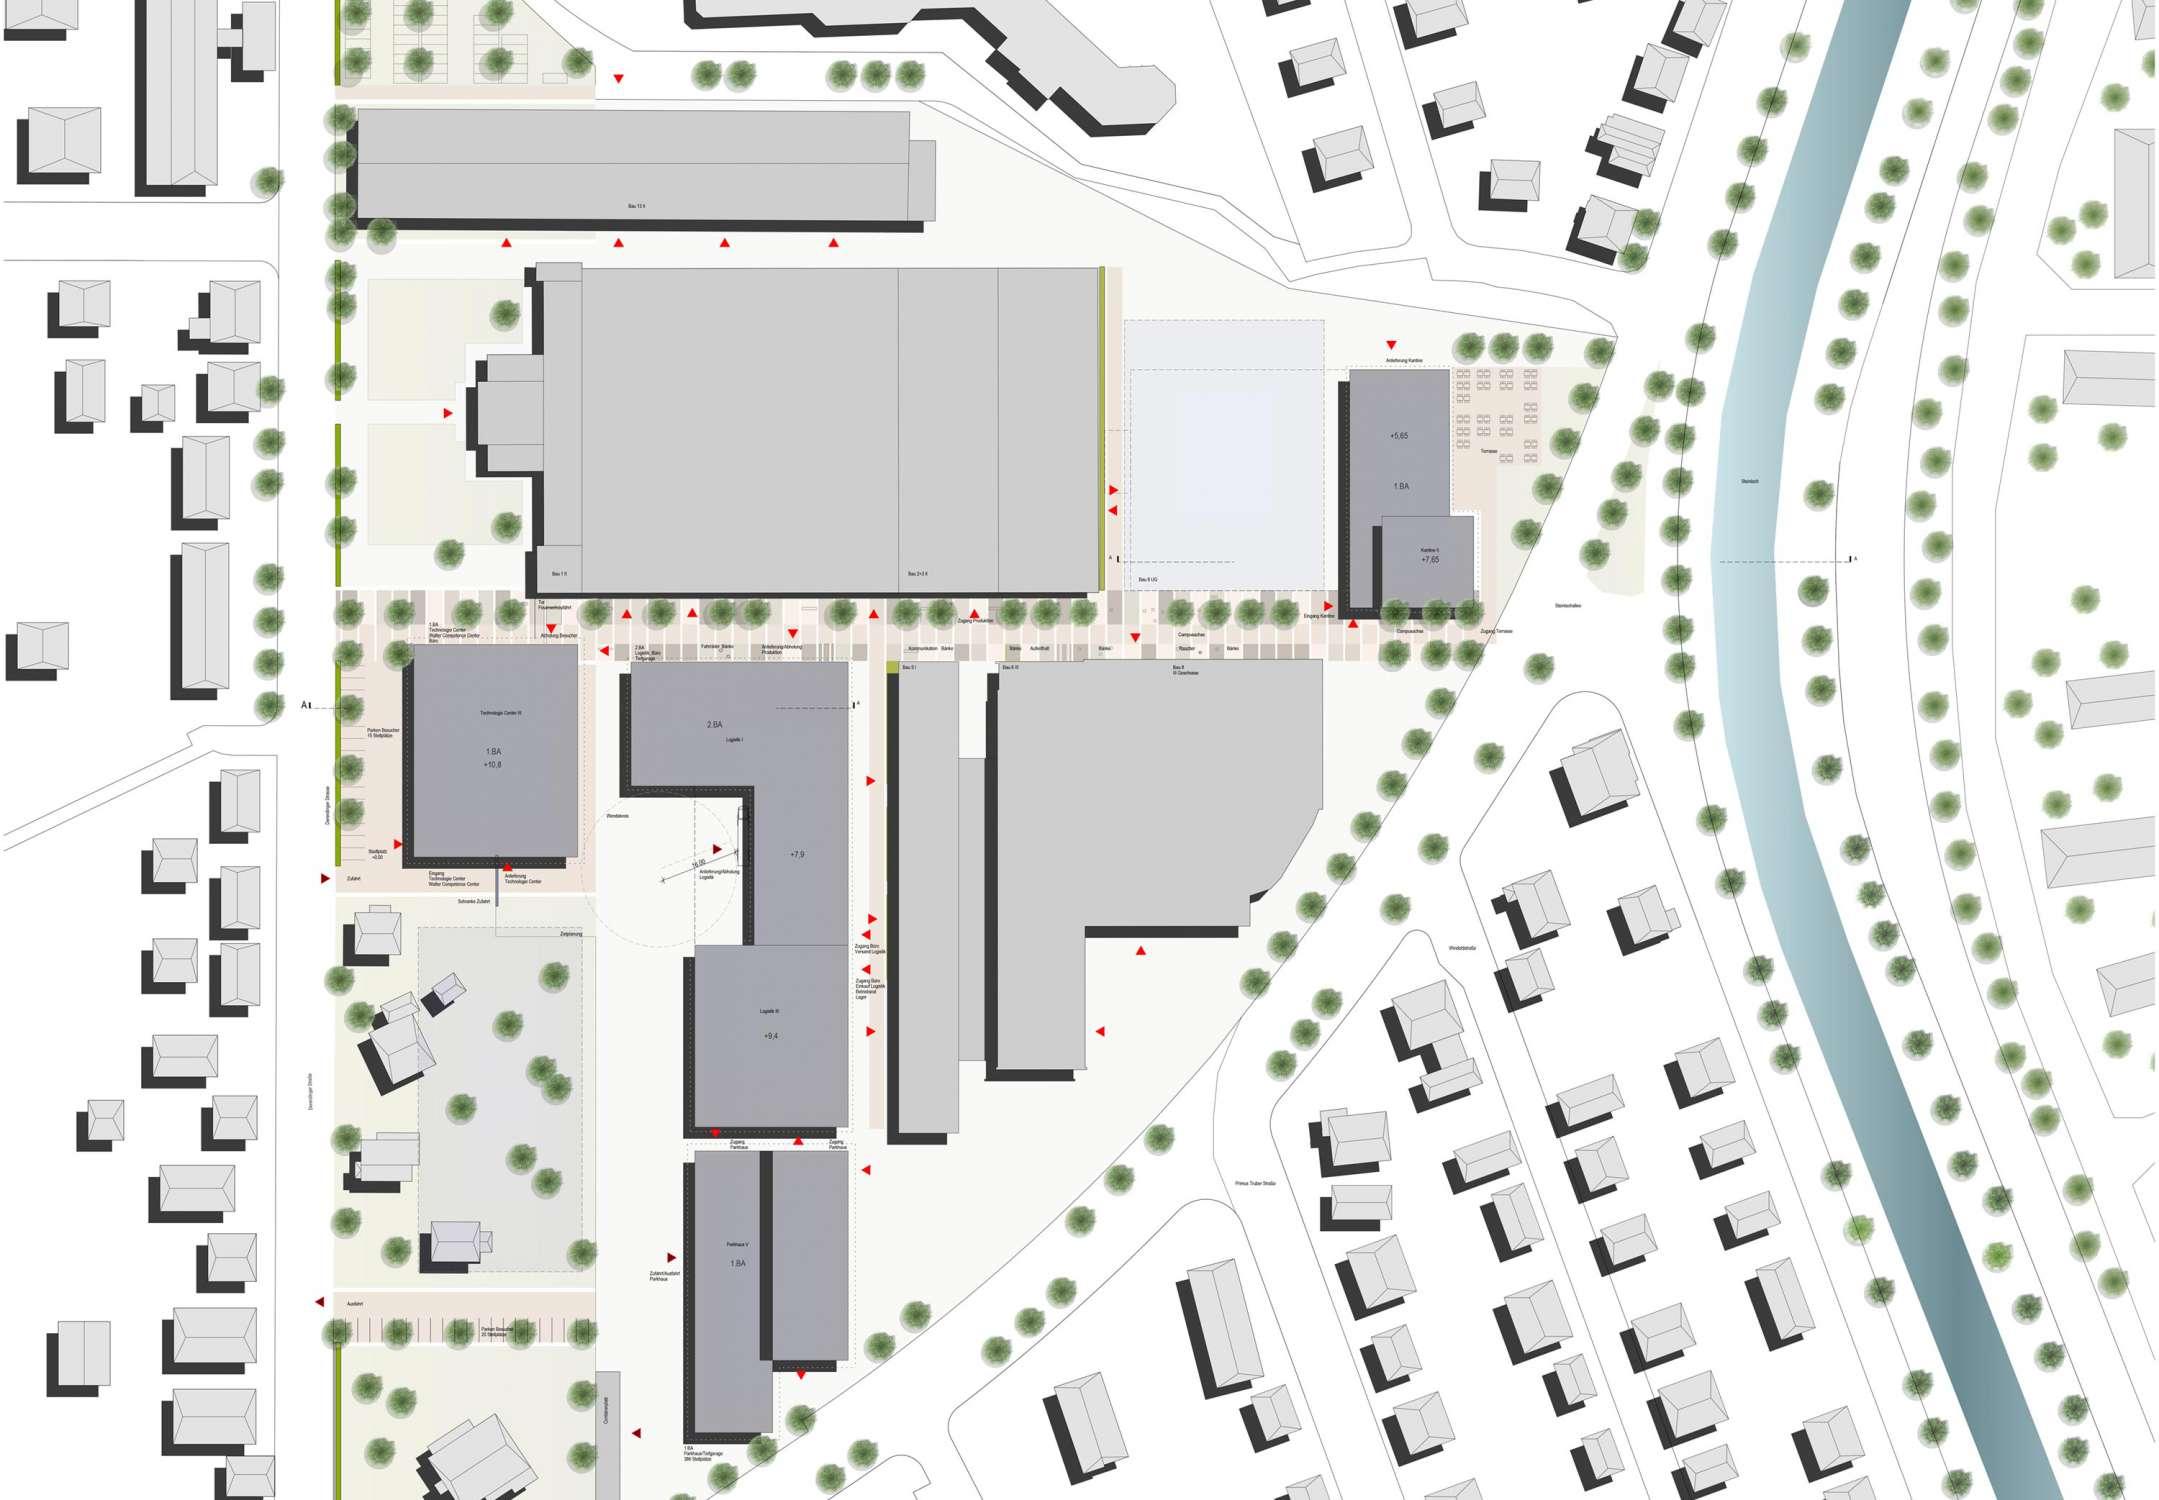 Betriebscampus mit Entwicklungszentrum und Kantine (1)